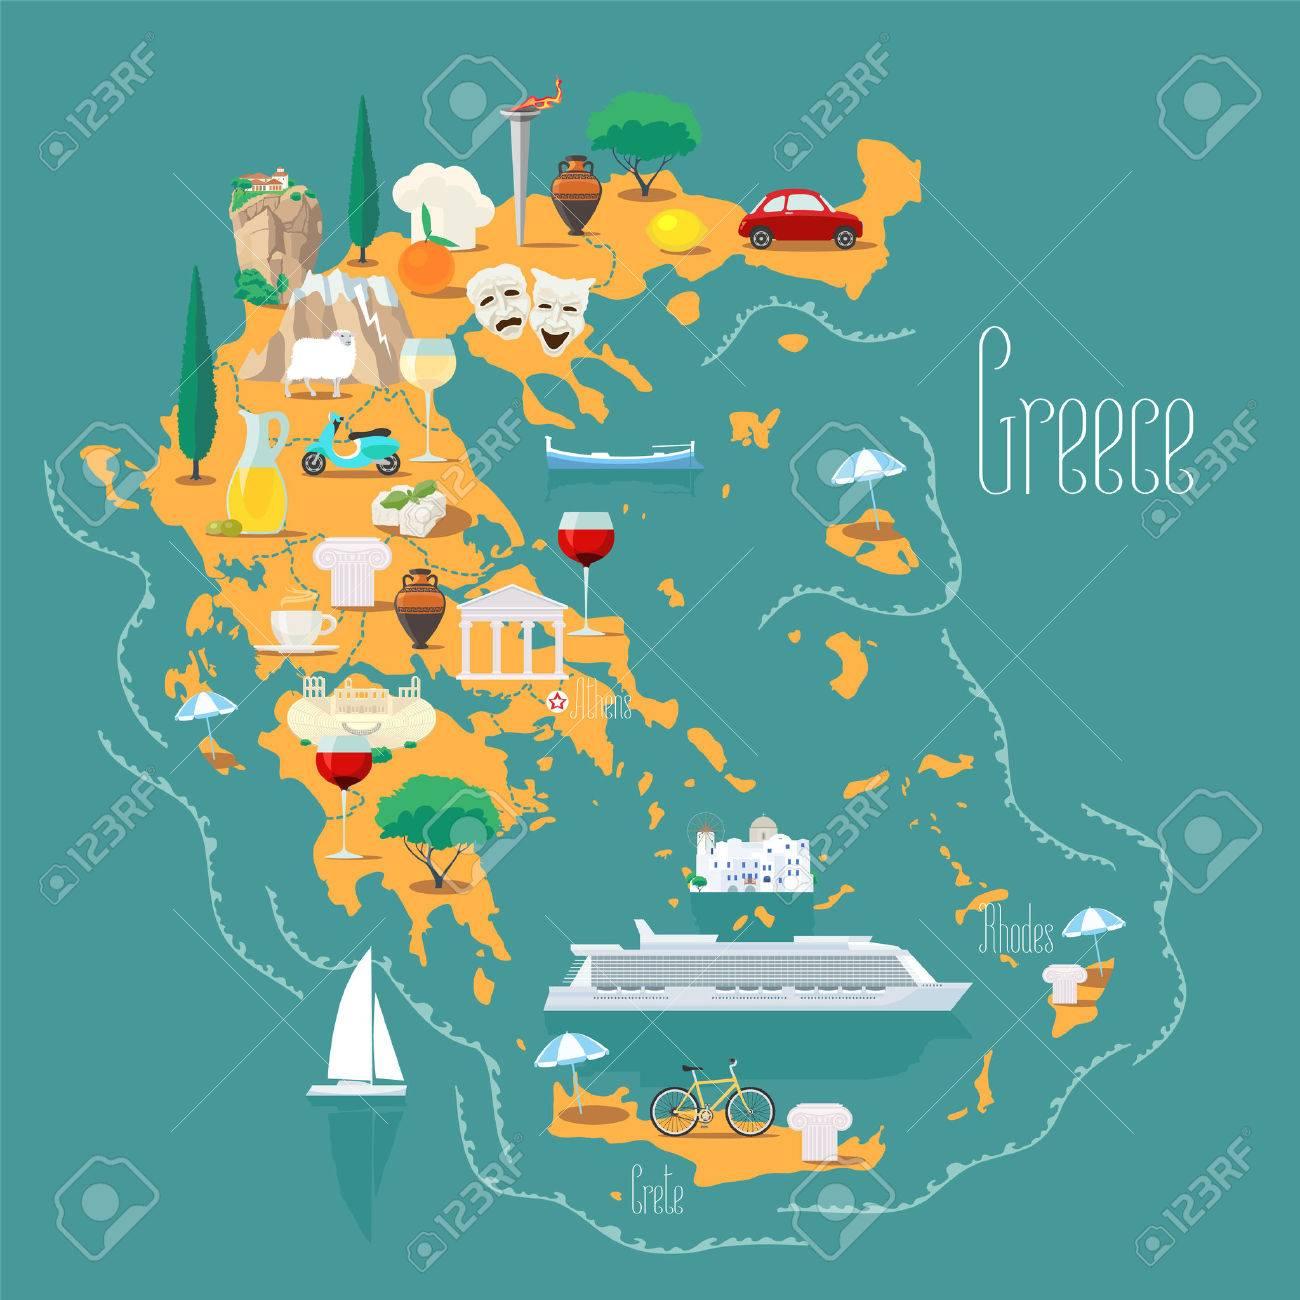 Carte Grece Iles.Carte De La Grece Avec Des Iles Illustration Vectorielle Design Icones Avec Reperes Grecs Acropole Et Nourriture